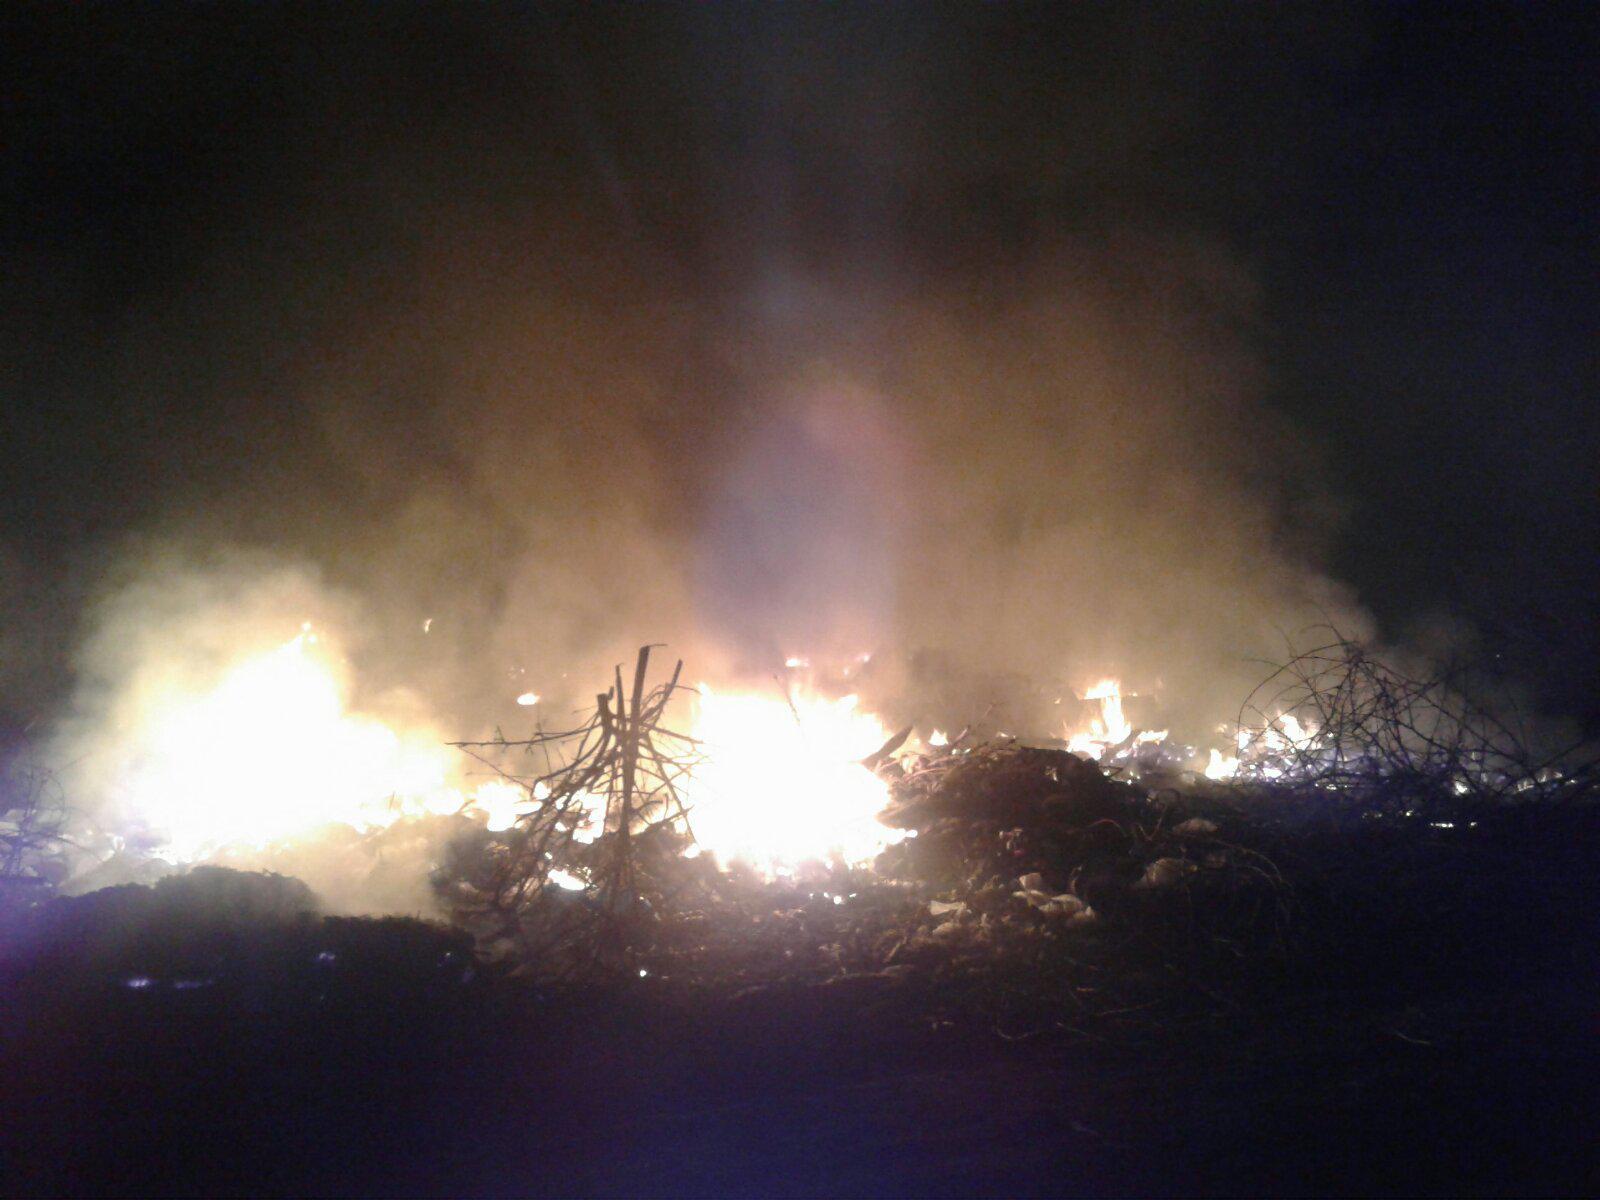 Білоцерківщина у вогні: рятувальники 4 рази протягом доби гасили пожежі у природних екосистемах - пожежі, ДСНС, Біла Церква - 11viber